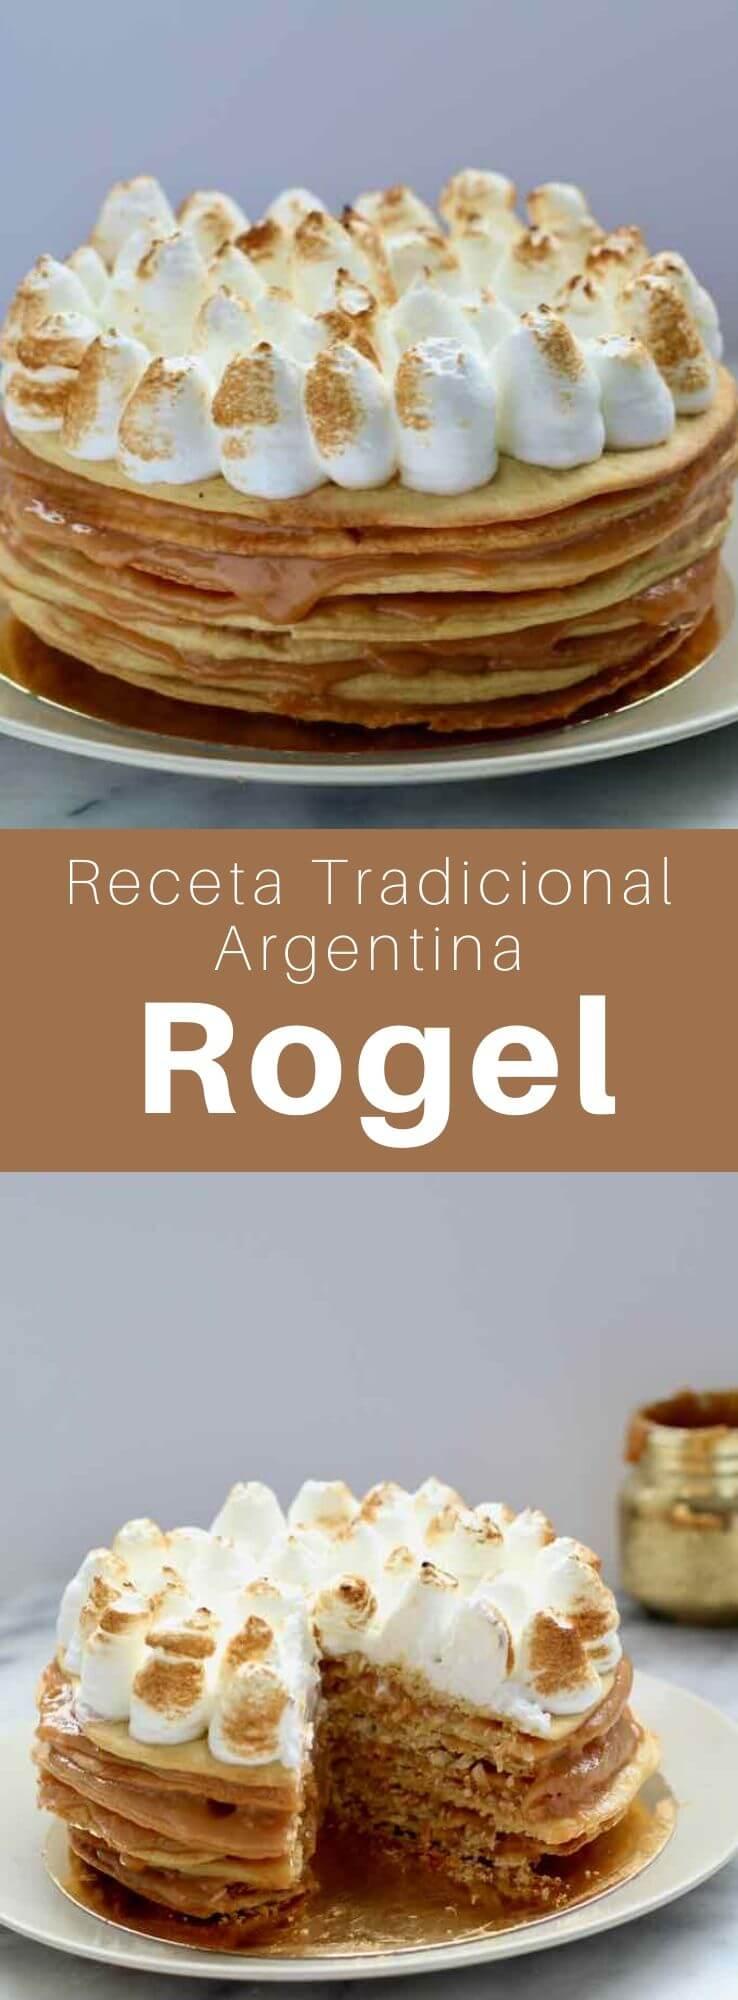 El Rogel a menudo se llama el milhojas argentino. Este popular postre contiene capas crujientes de masa rellenas de dulce de leche y cubiertas con merengue.